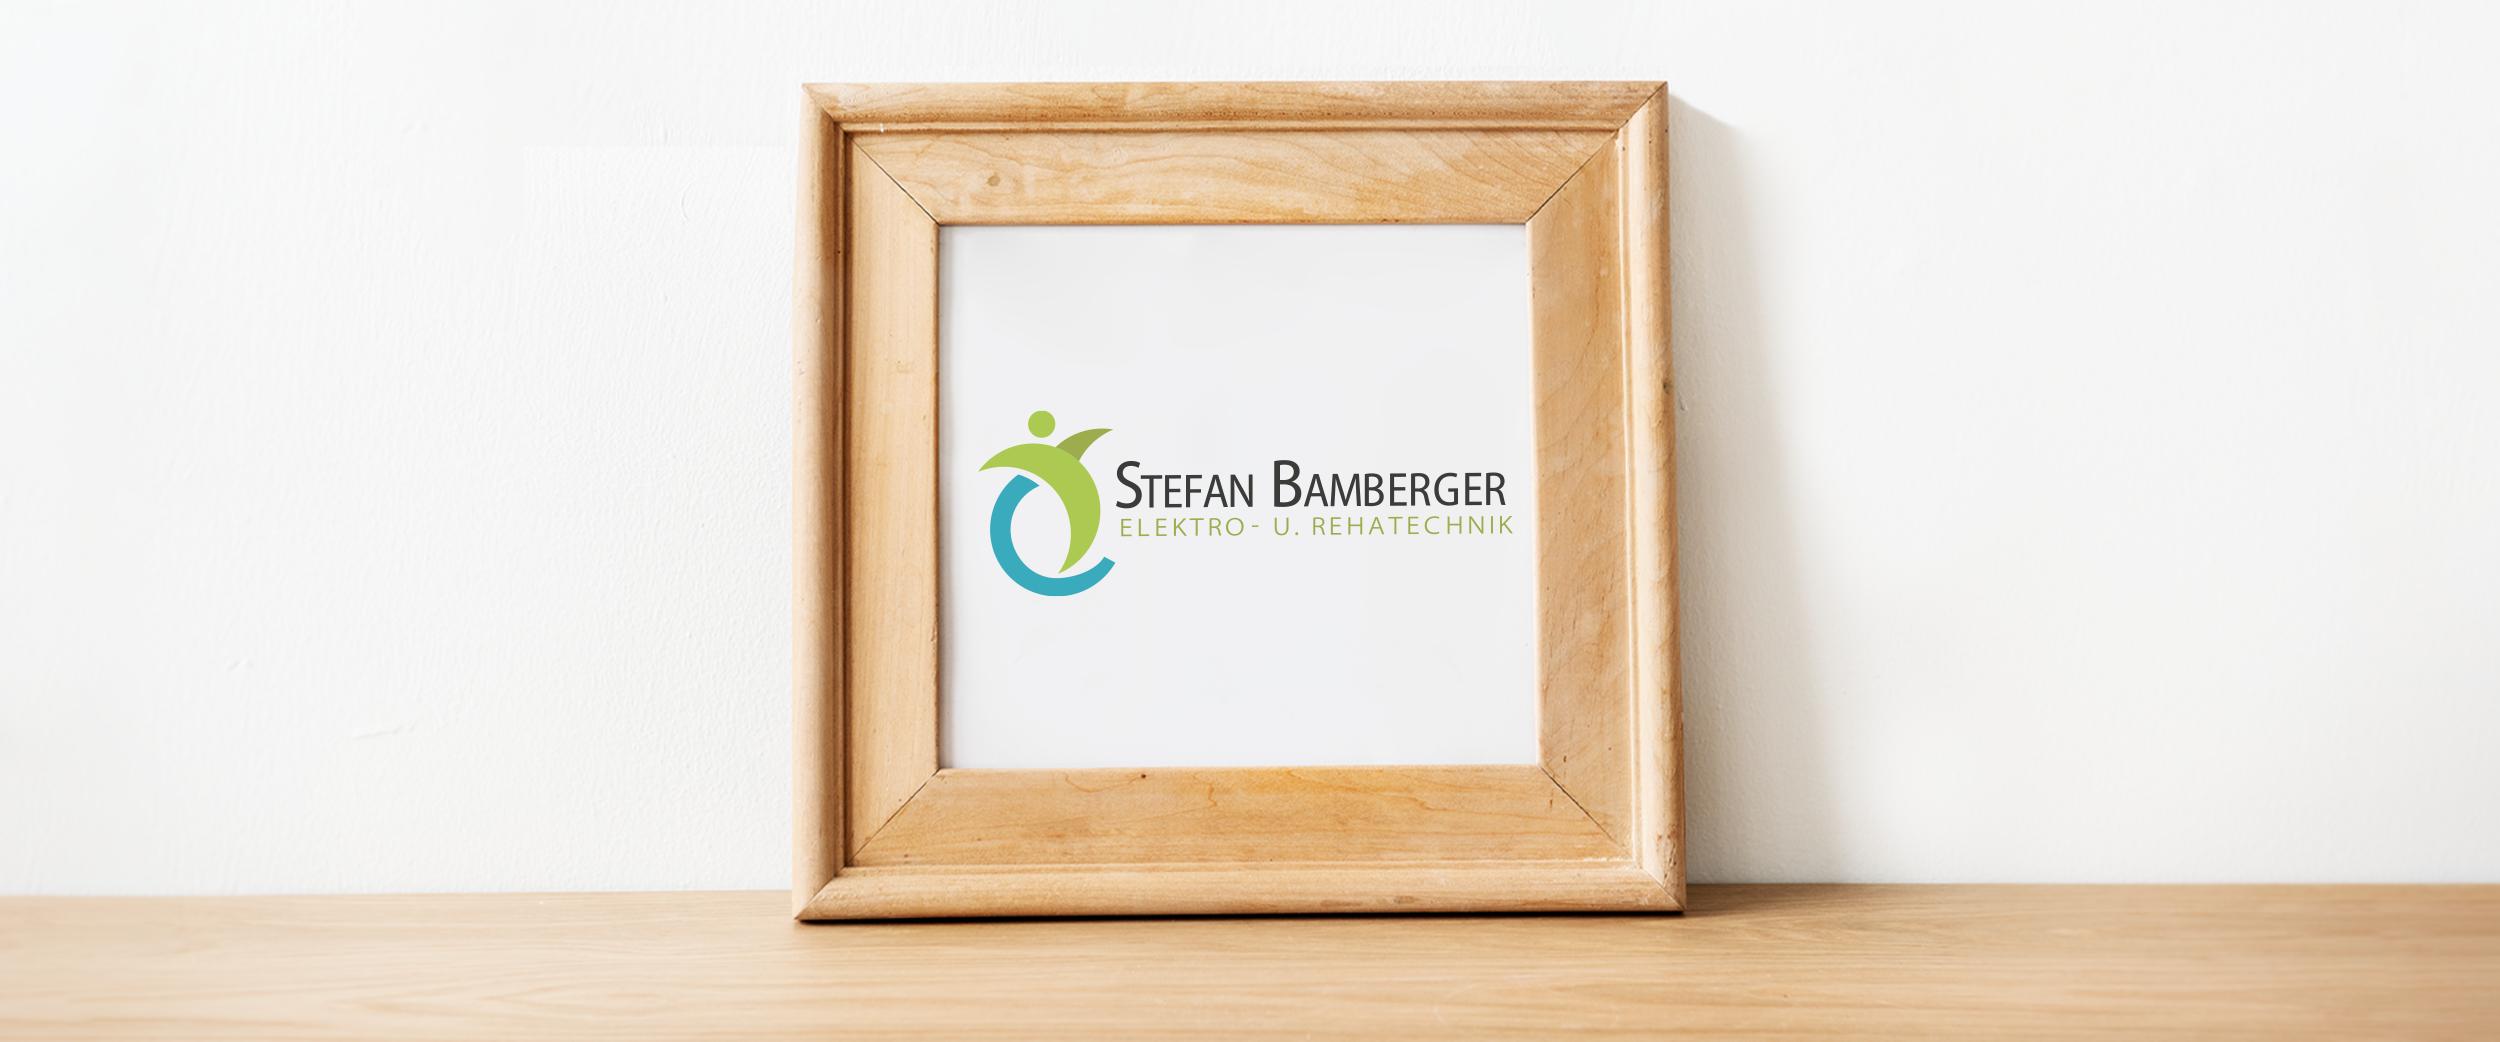 Stefan Bamberger Elektro- & Rehatechnik